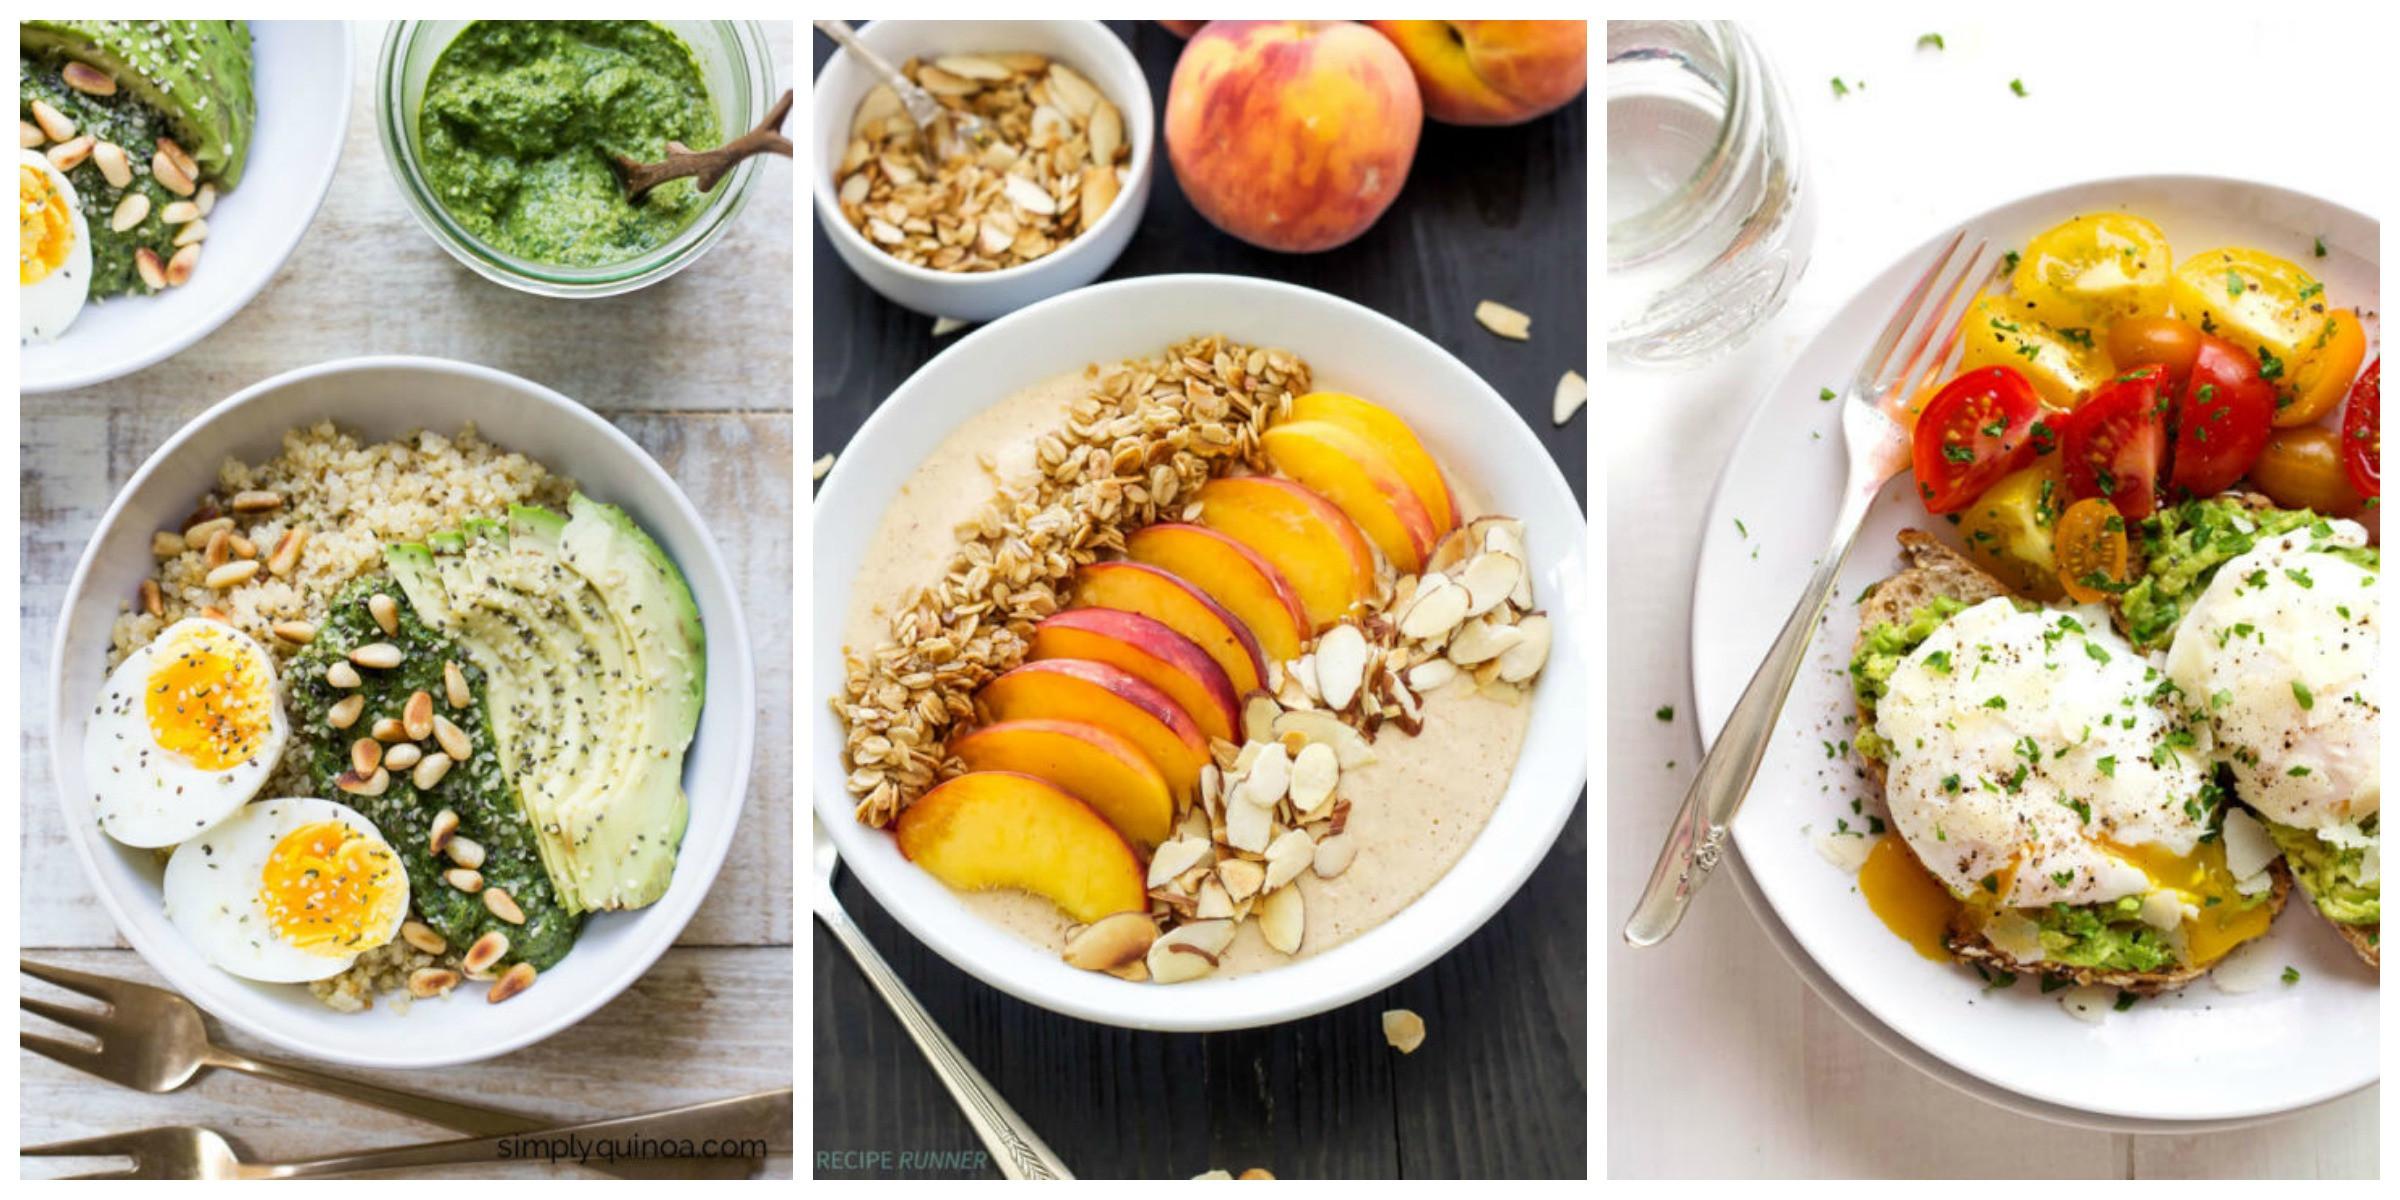 Great Healthy Breakfast  20 Best Healthy Breakfast Food Ideas Recipes for Healthy